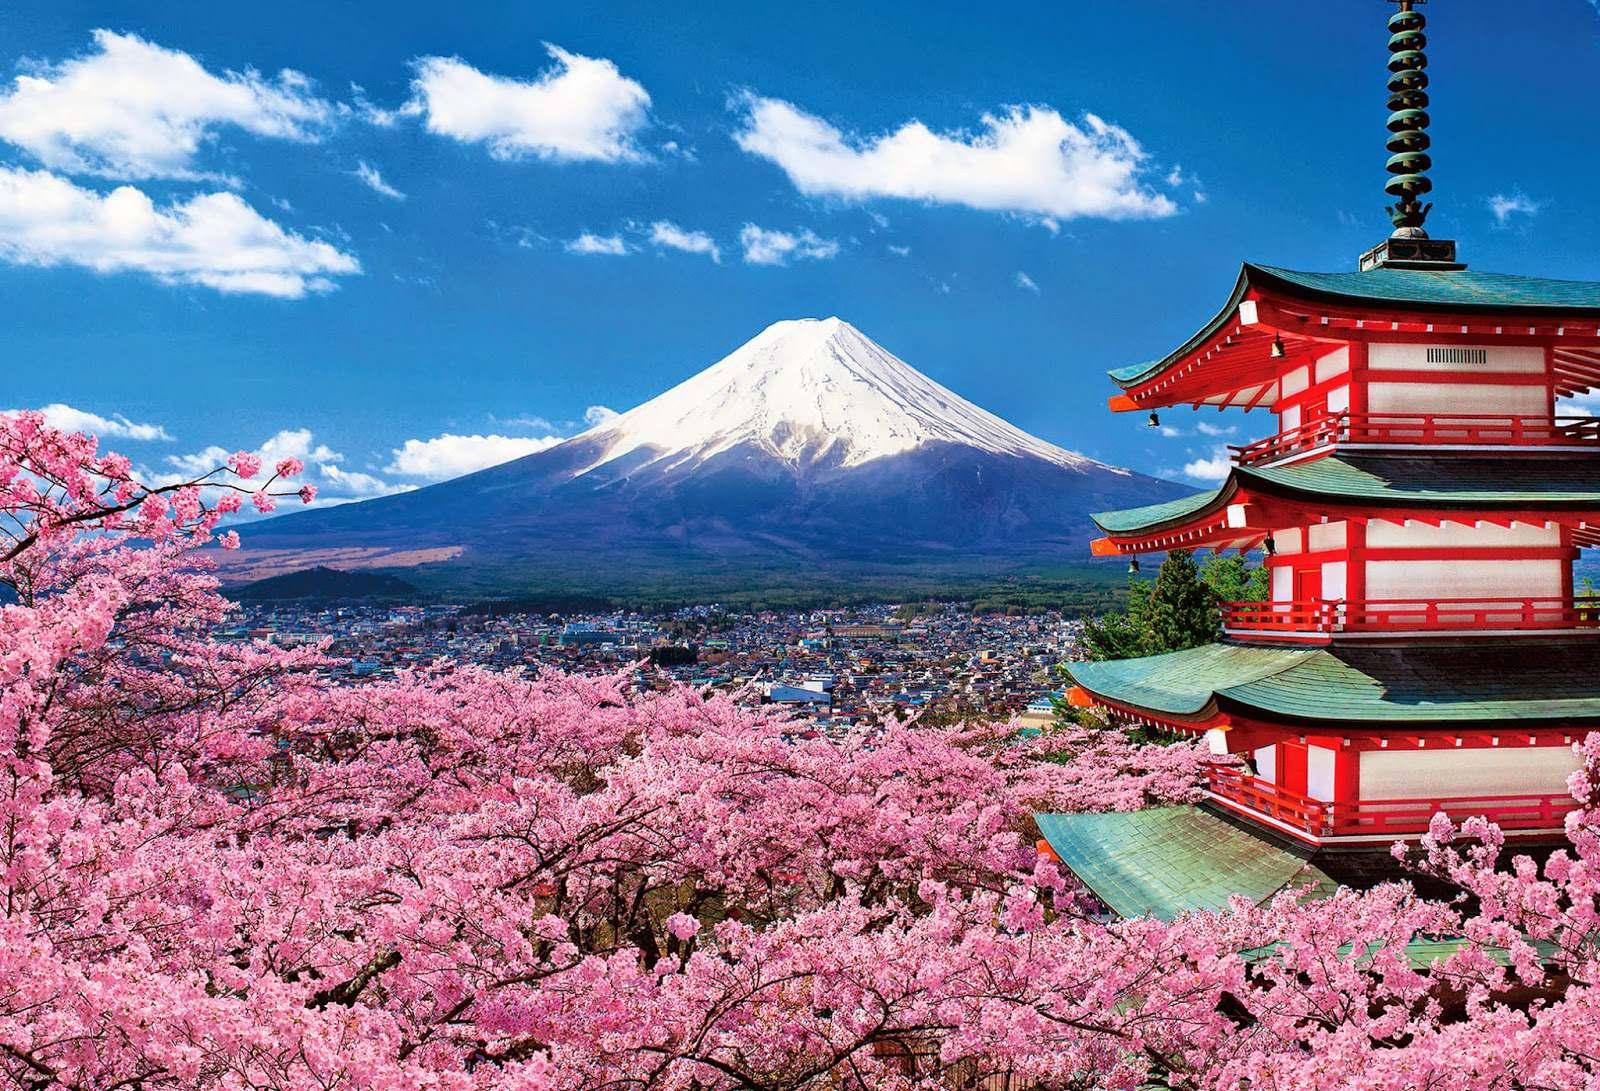 Du lịch Nhật Bản Tết Dương lịch 2016: Tokyo - Hakone - Núi Phú Sĩ 5 ngày 4 đêm